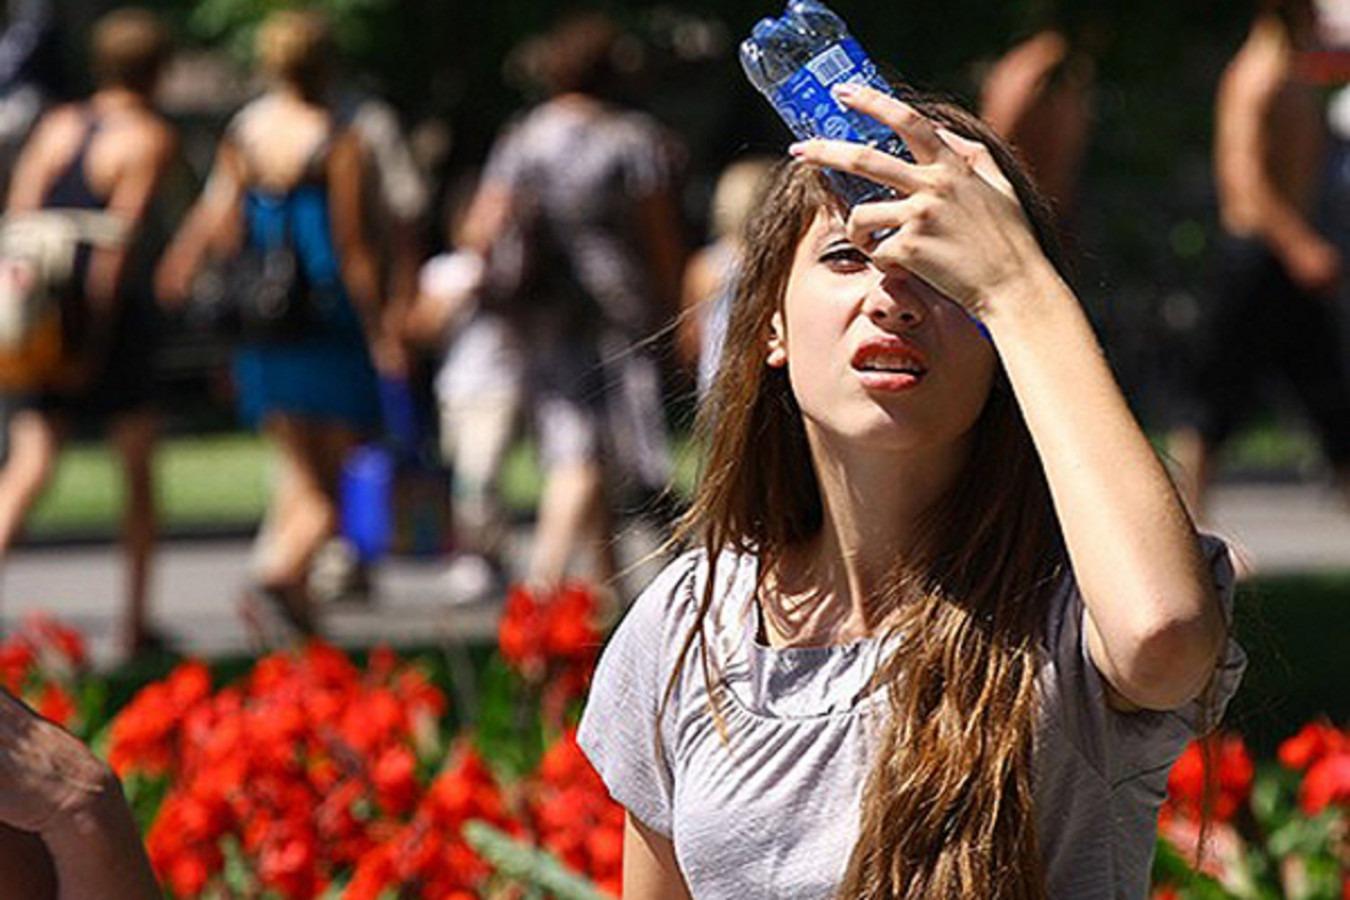 Axios: Учёные предупредили об аномальной жаре в мире в ближайшее десятилетие